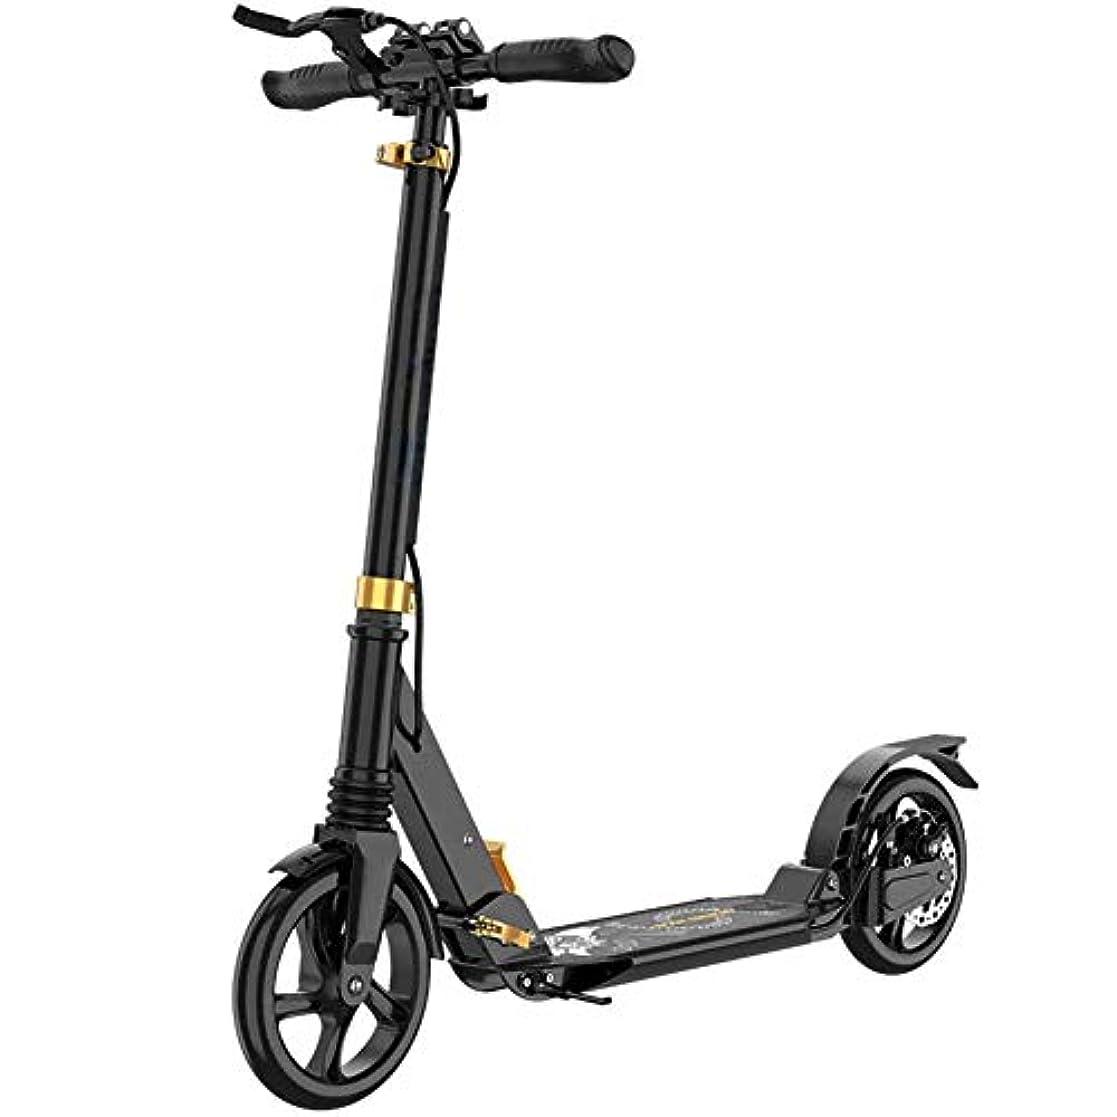 後収まる下に向けますアダルト折りたたみスクーター40ミリメートル耐摩耗性Puの滑らかWheelfreestyleスクーター高さ調節可能ダブル衝撃吸収二輪シングルフットスクーター,黒